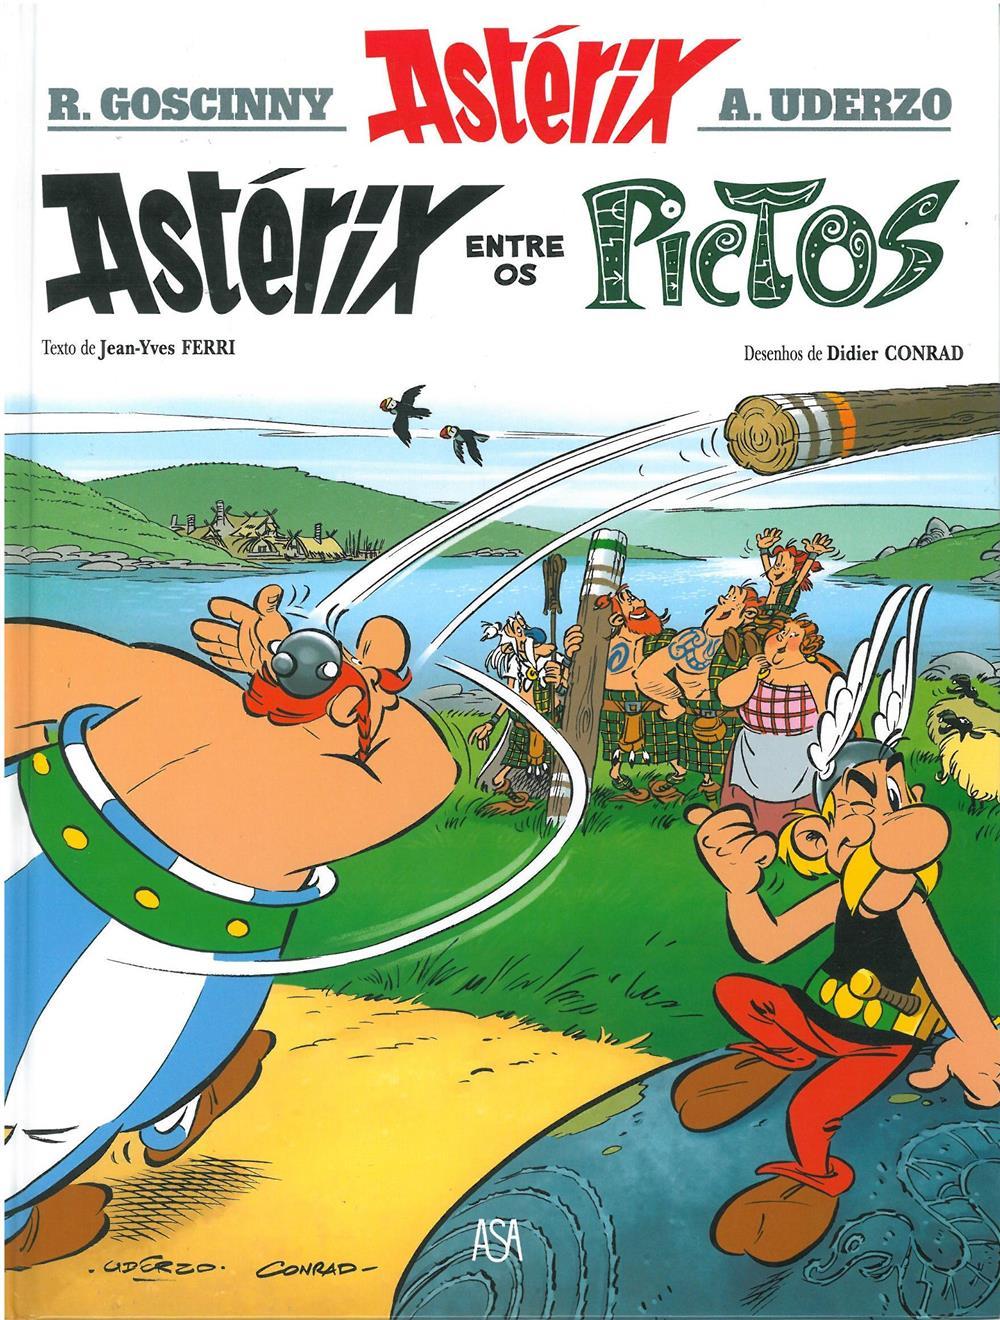 Astérix entre os pictos_.jpg